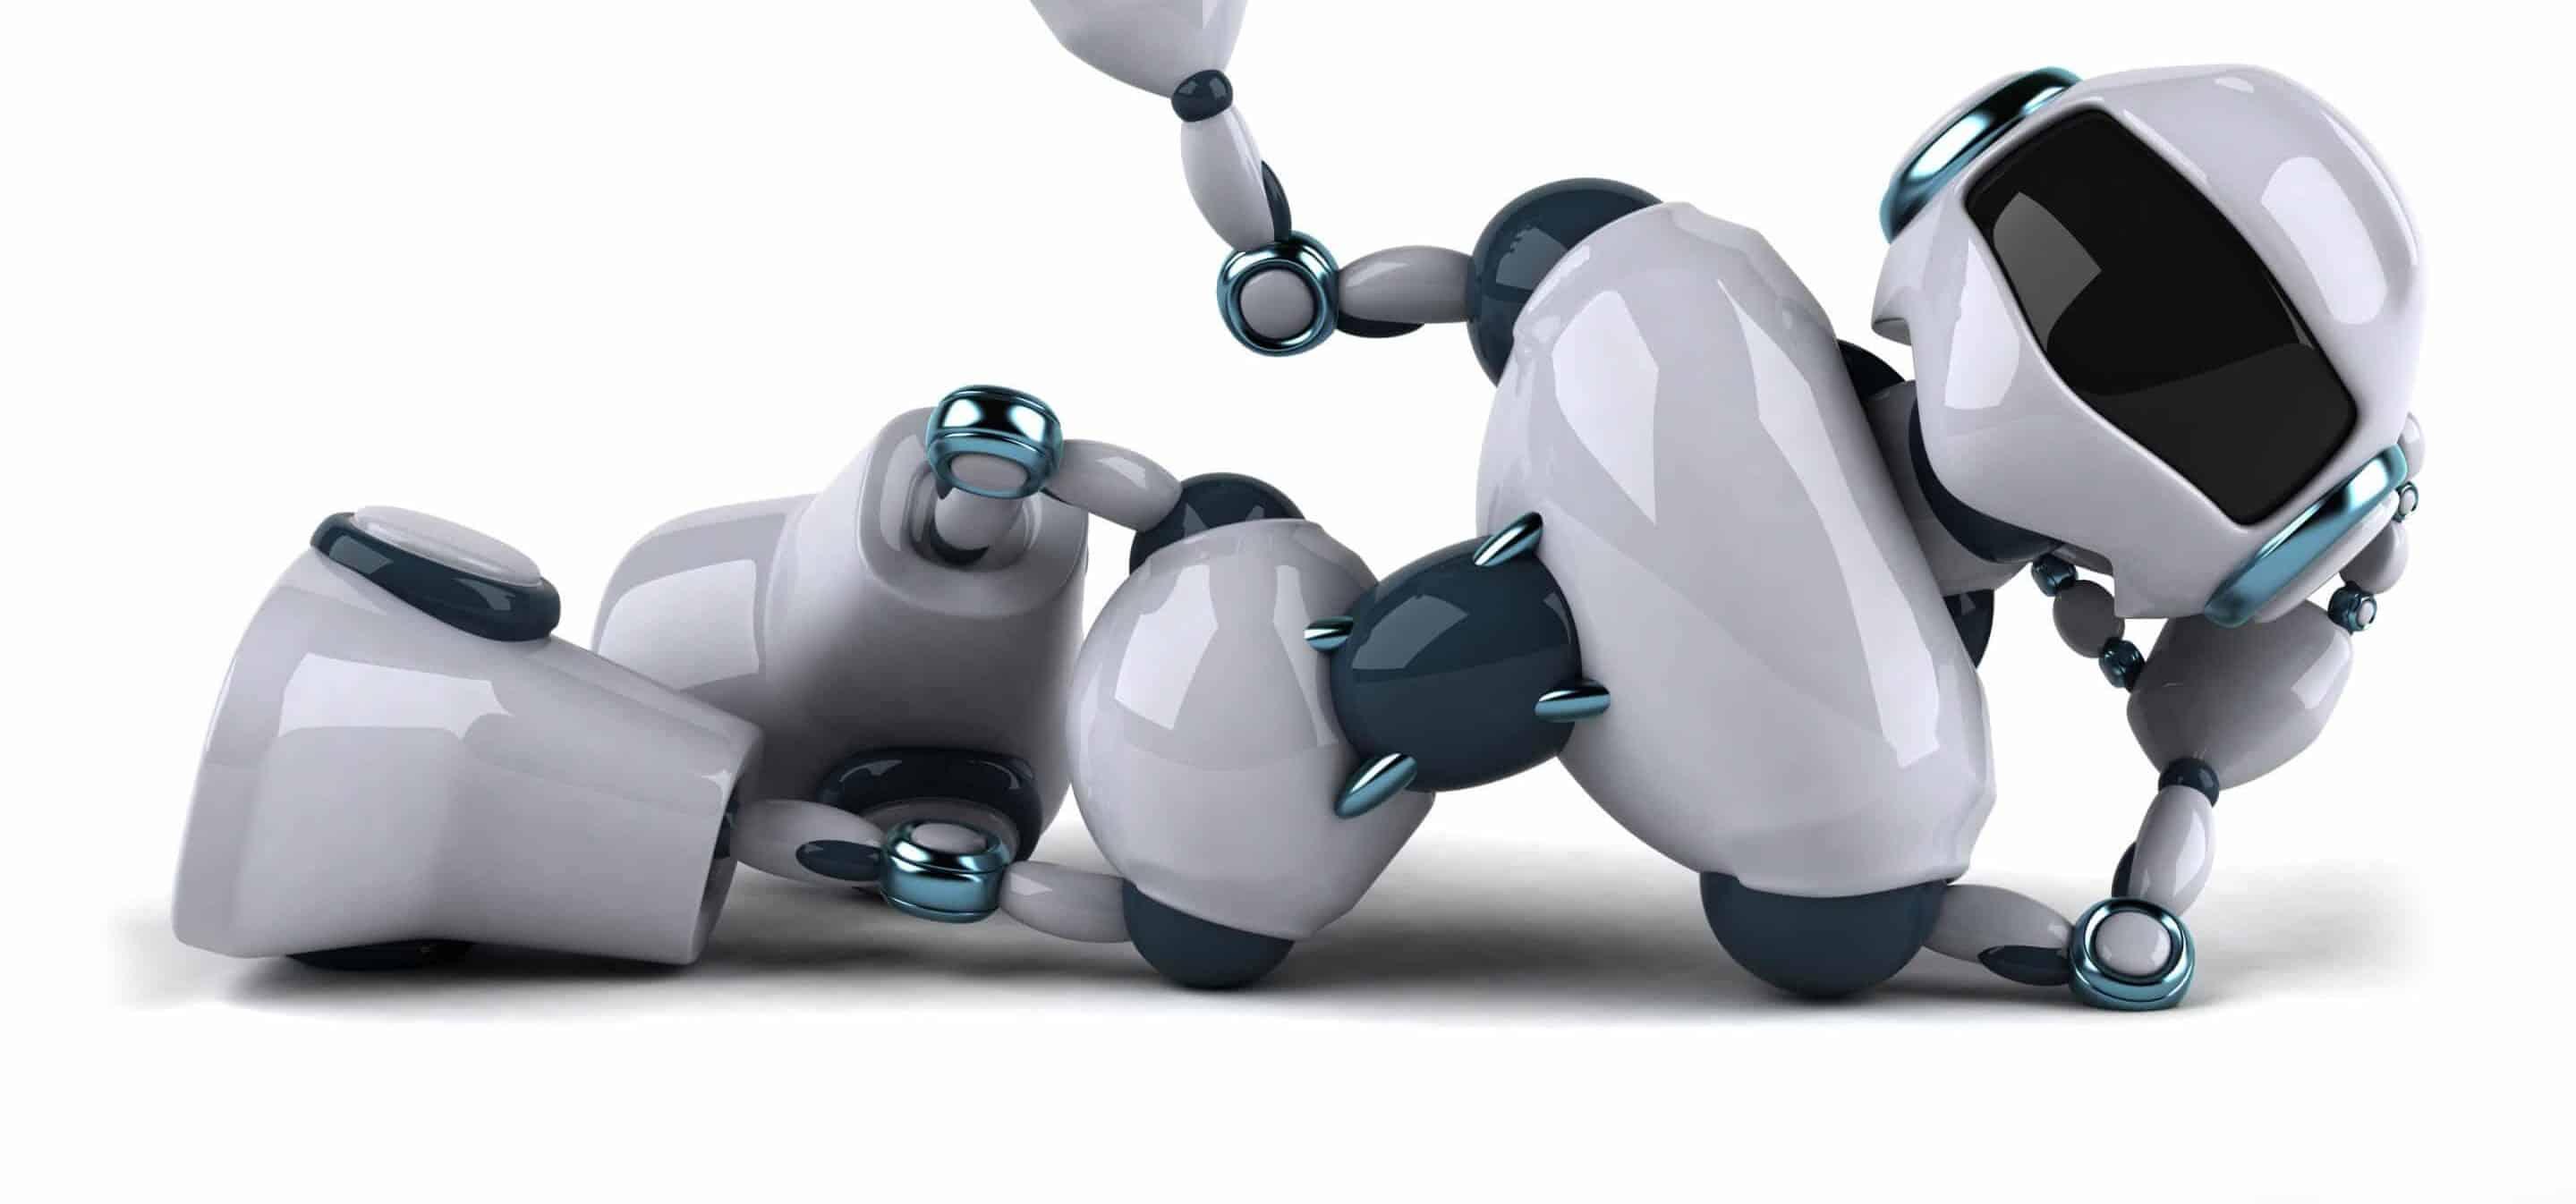 Robotrådgivning – allt du behöver veta om robotrådgivning 2020